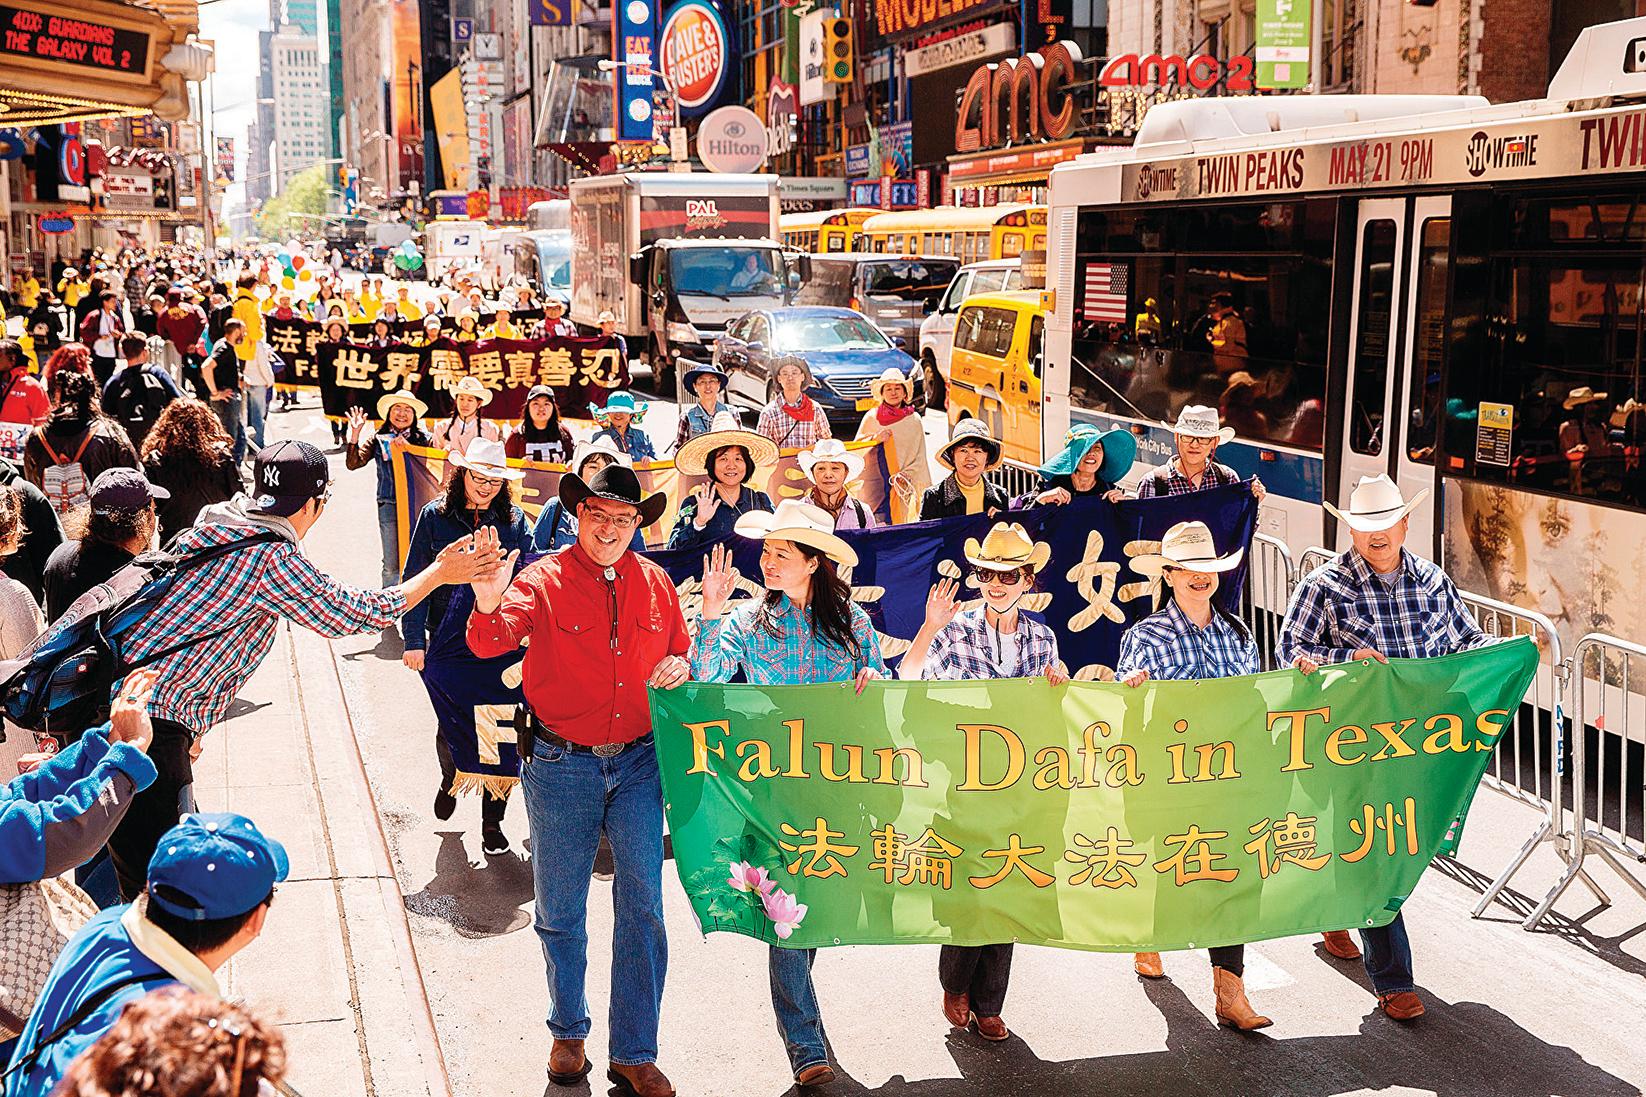 各族裔法輪功學員往年在紐約曼哈頓遊行、慶祝法輪大法洪傳的圖片。(大紀元)